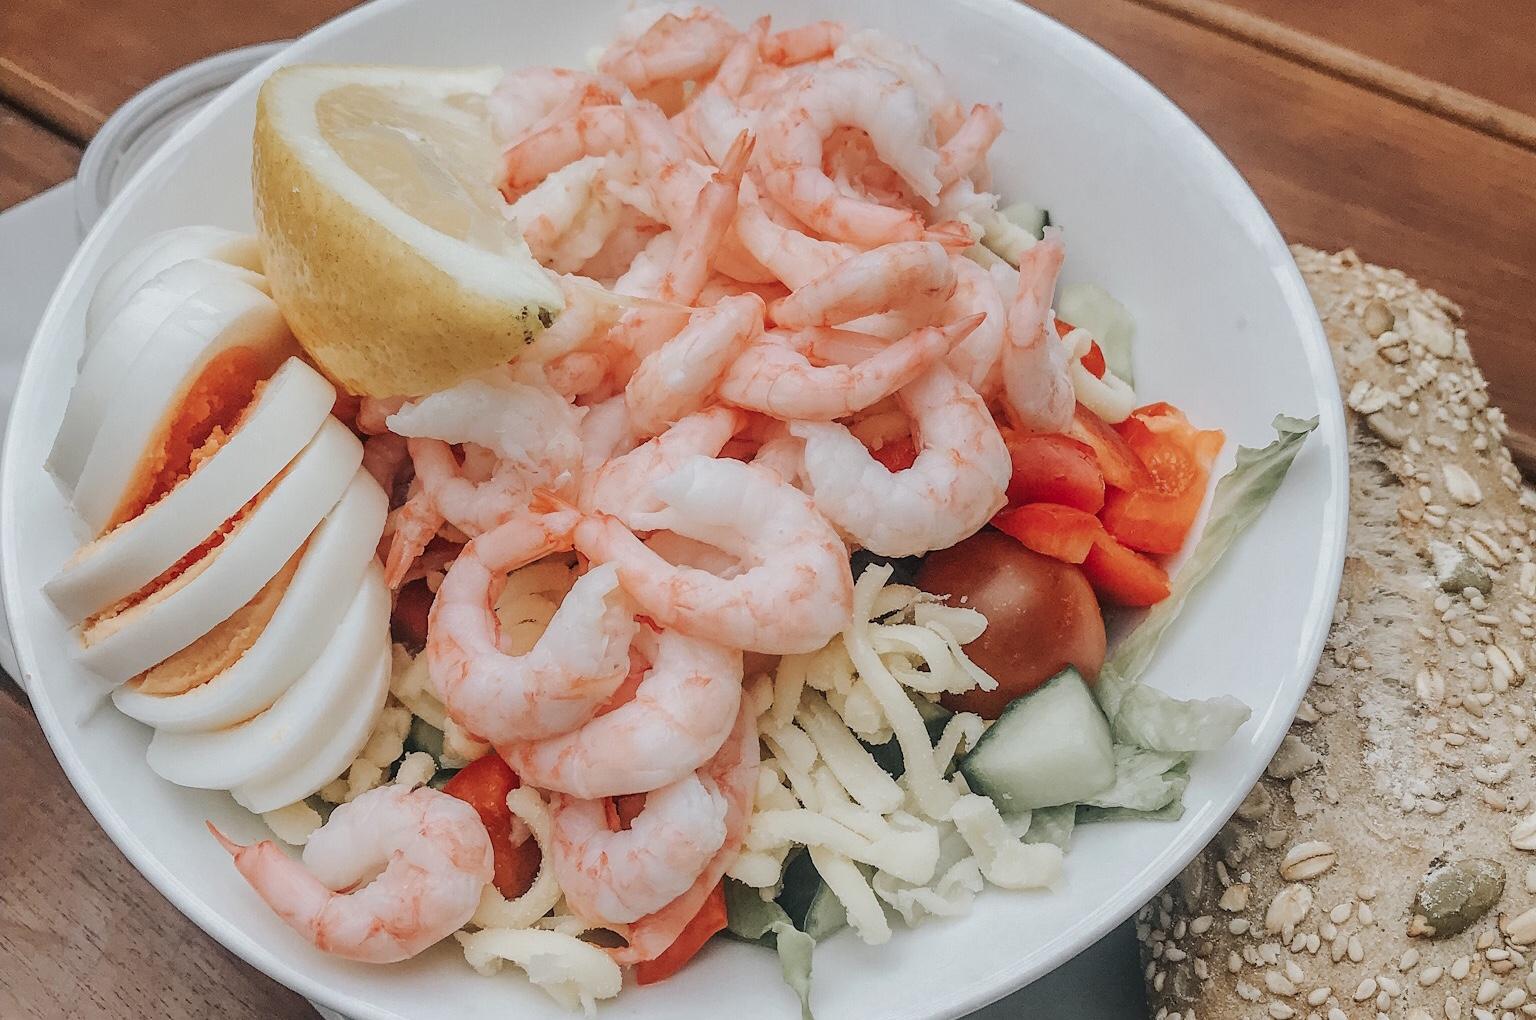 shrimp salad trygstad bakeri røros, norway